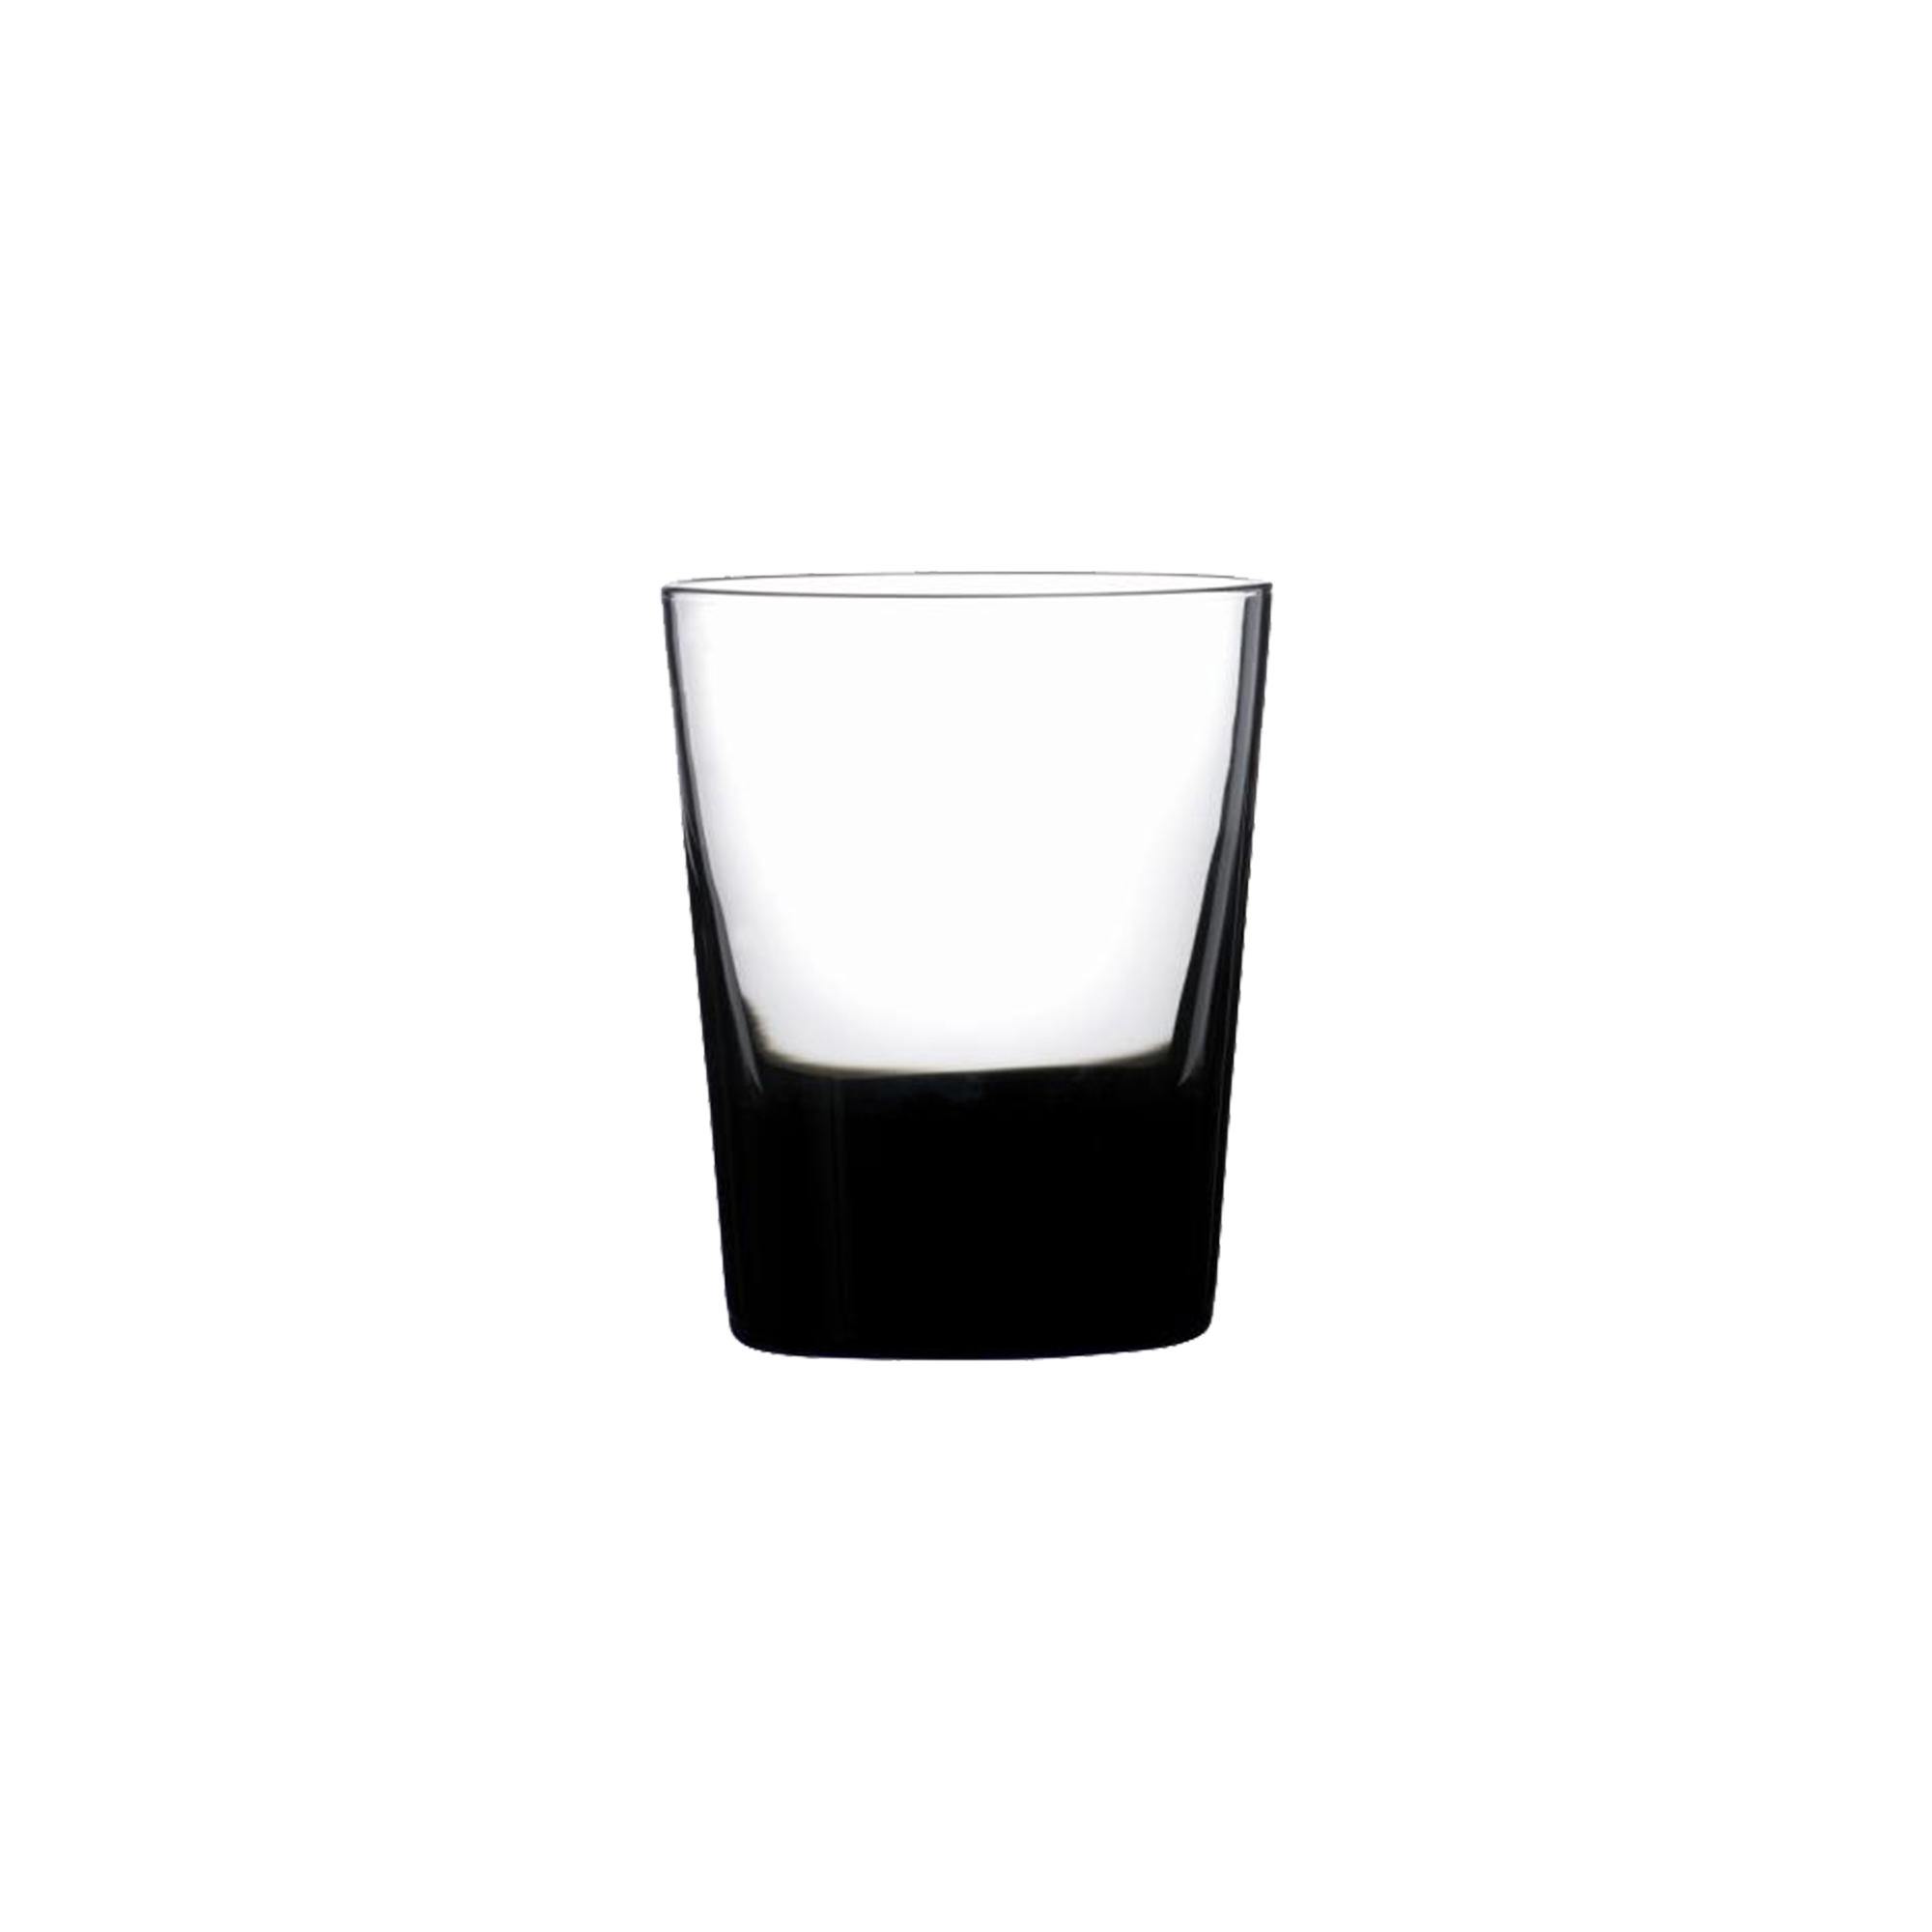 Gobelet en verre soufflé bouche noir 39 cl - Lot de 6